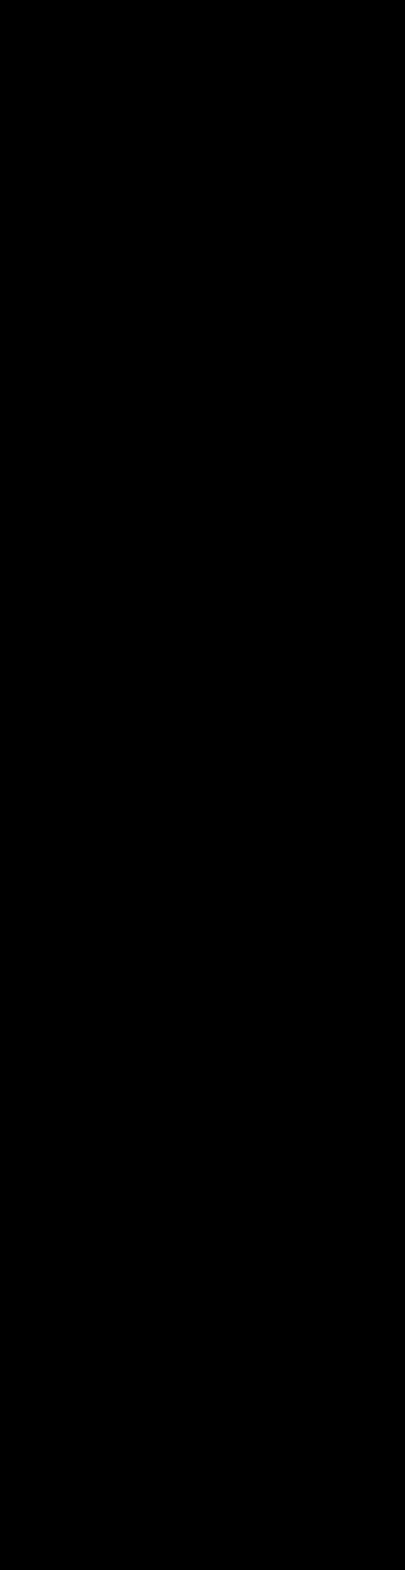 คอร์ดกีต้าโปร่ง ตารางคอร์ดกีต้าร์ เพลง สาวดำรำพัน